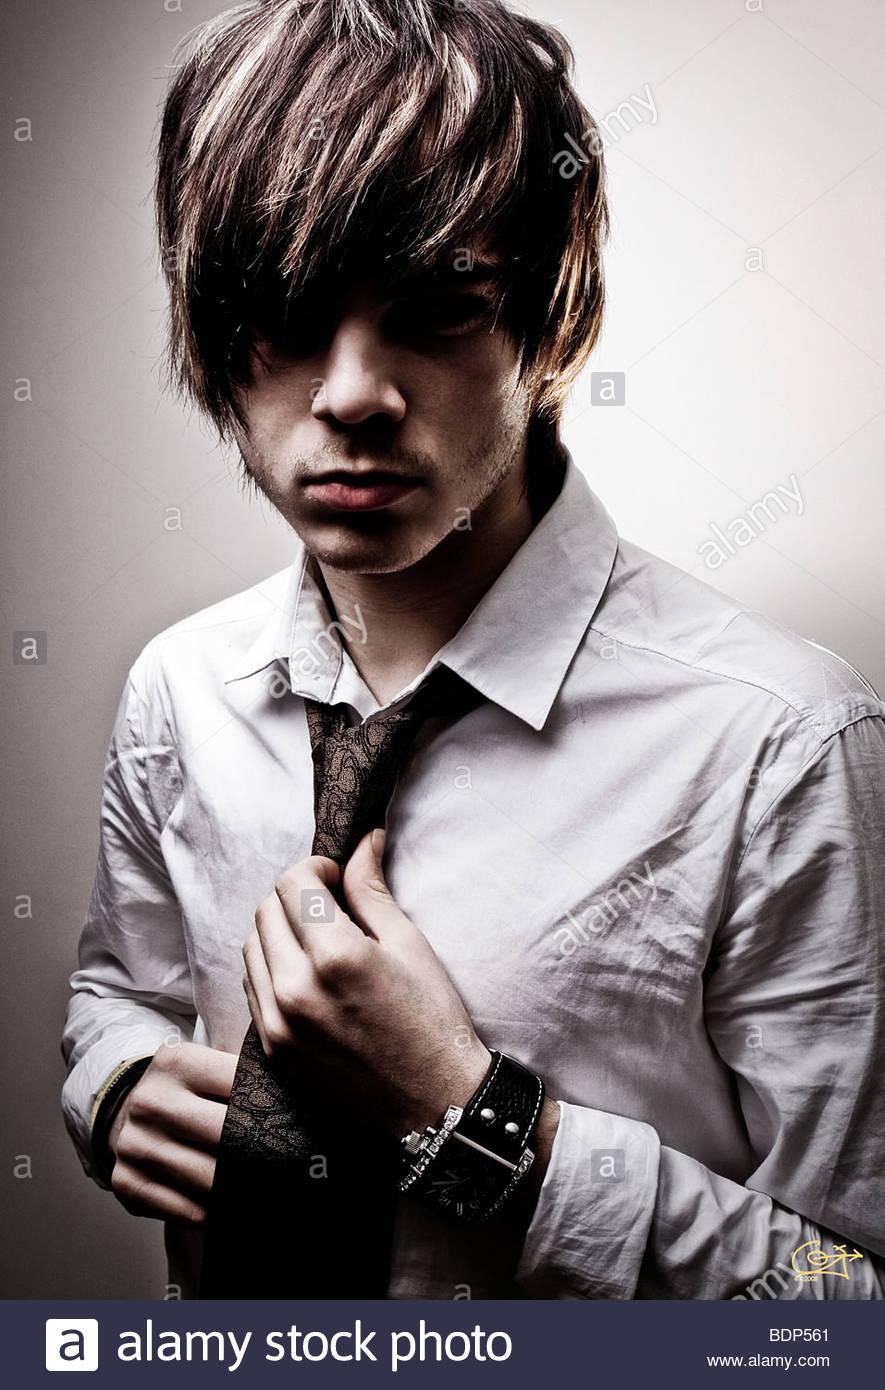 Un giovane uomo che indossa una camicia bianca e la cravatta Immagini Stock